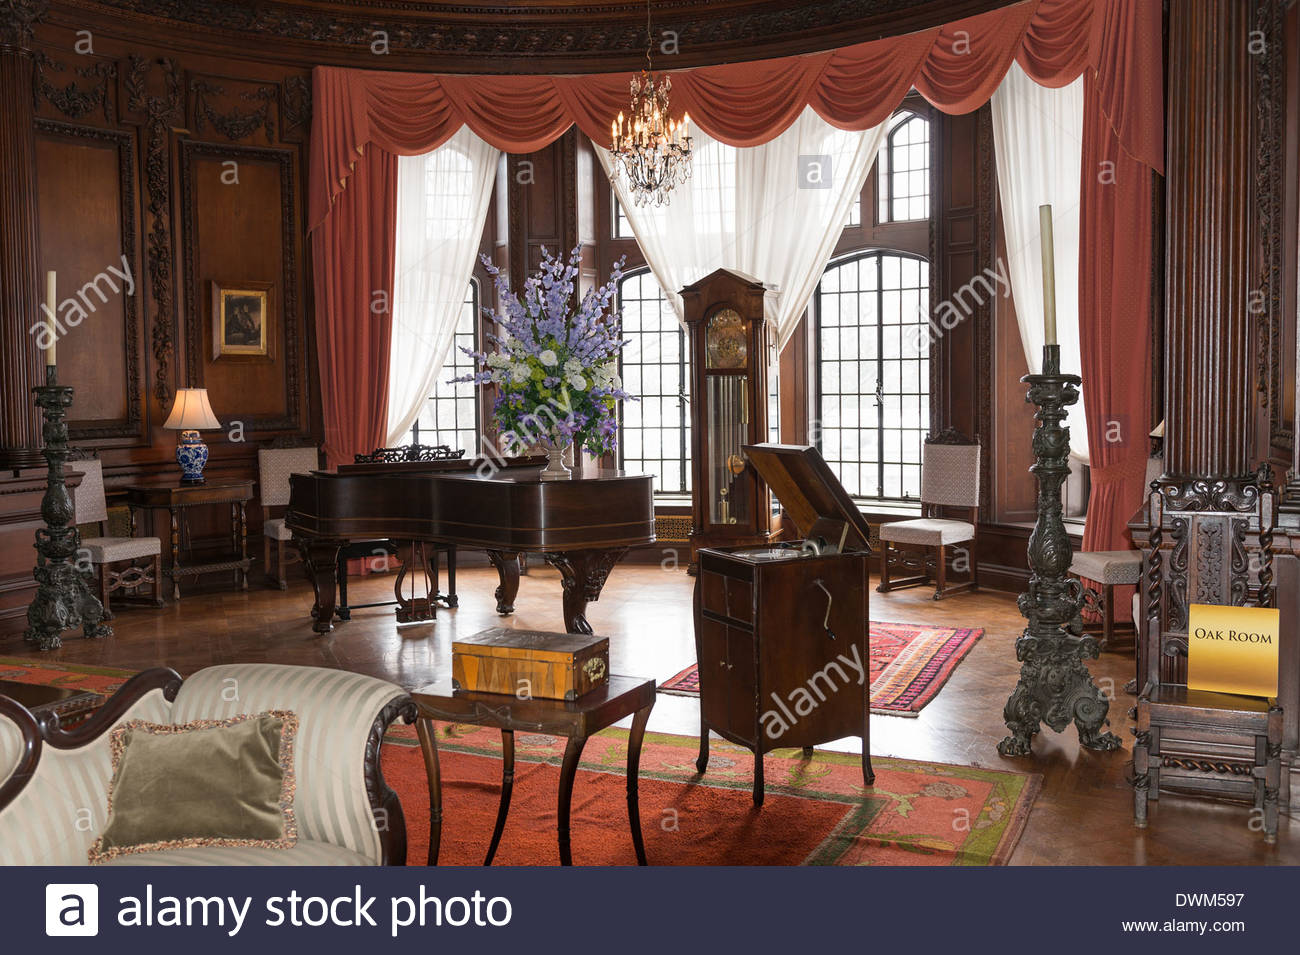 Indoors at casa loma in toronto canada interior of a - Decoraciones de interiores de casas ...